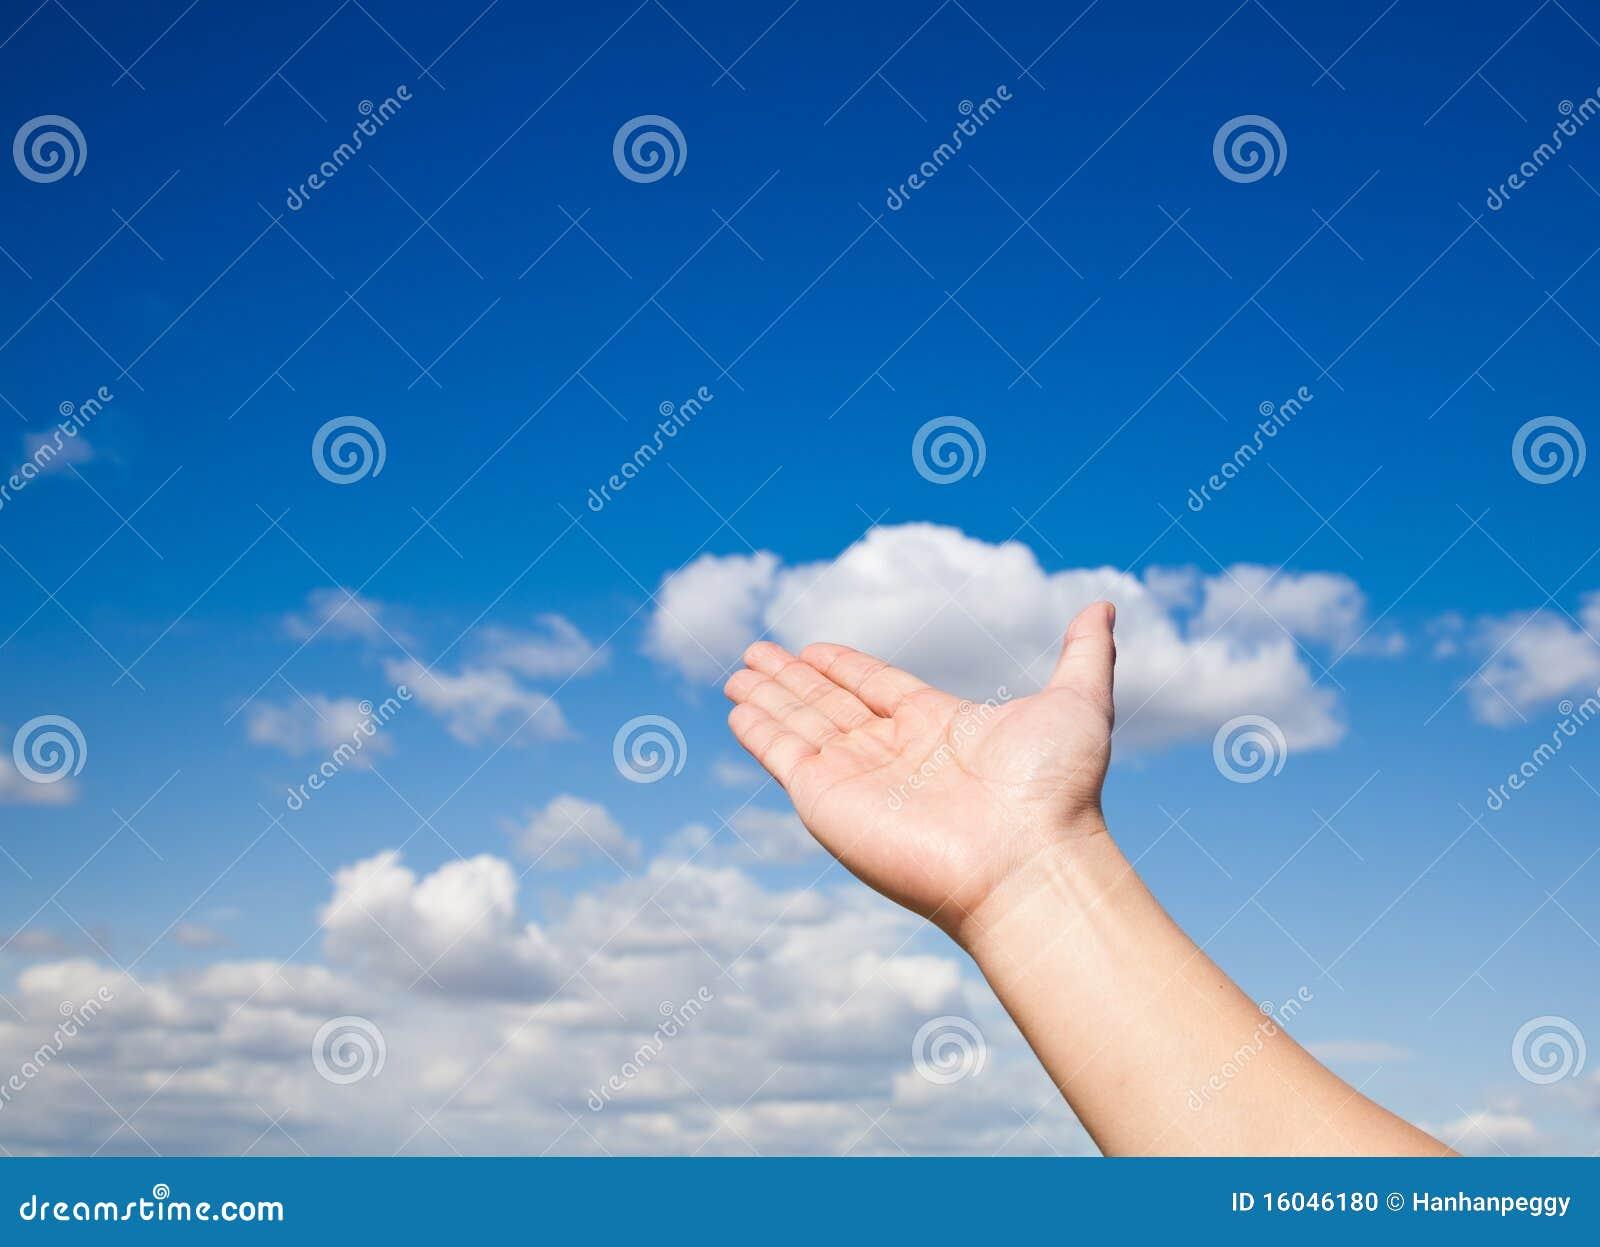 Céu do alcance da mão